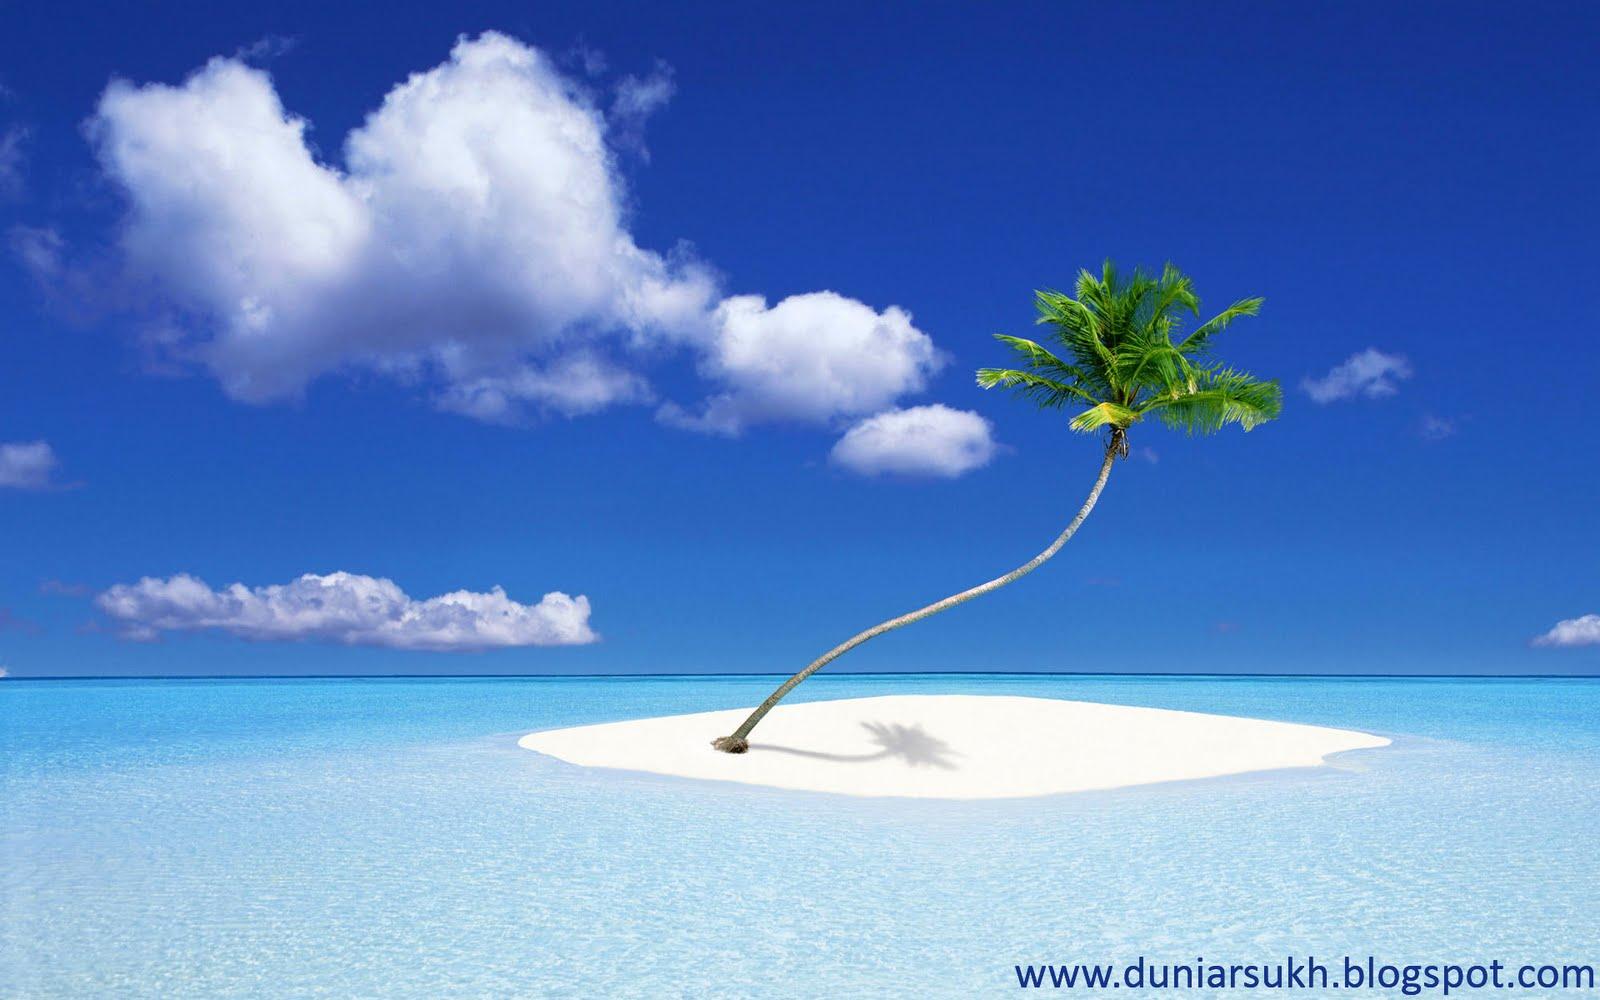 http://1.bp.blogspot.com/_aTX-Oa7T9y0/S_1C5sSz3YI/AAAAAAAAAEE/kCikxaaOzs8/s1600/1273895540_1920x1200_small-island.jpg